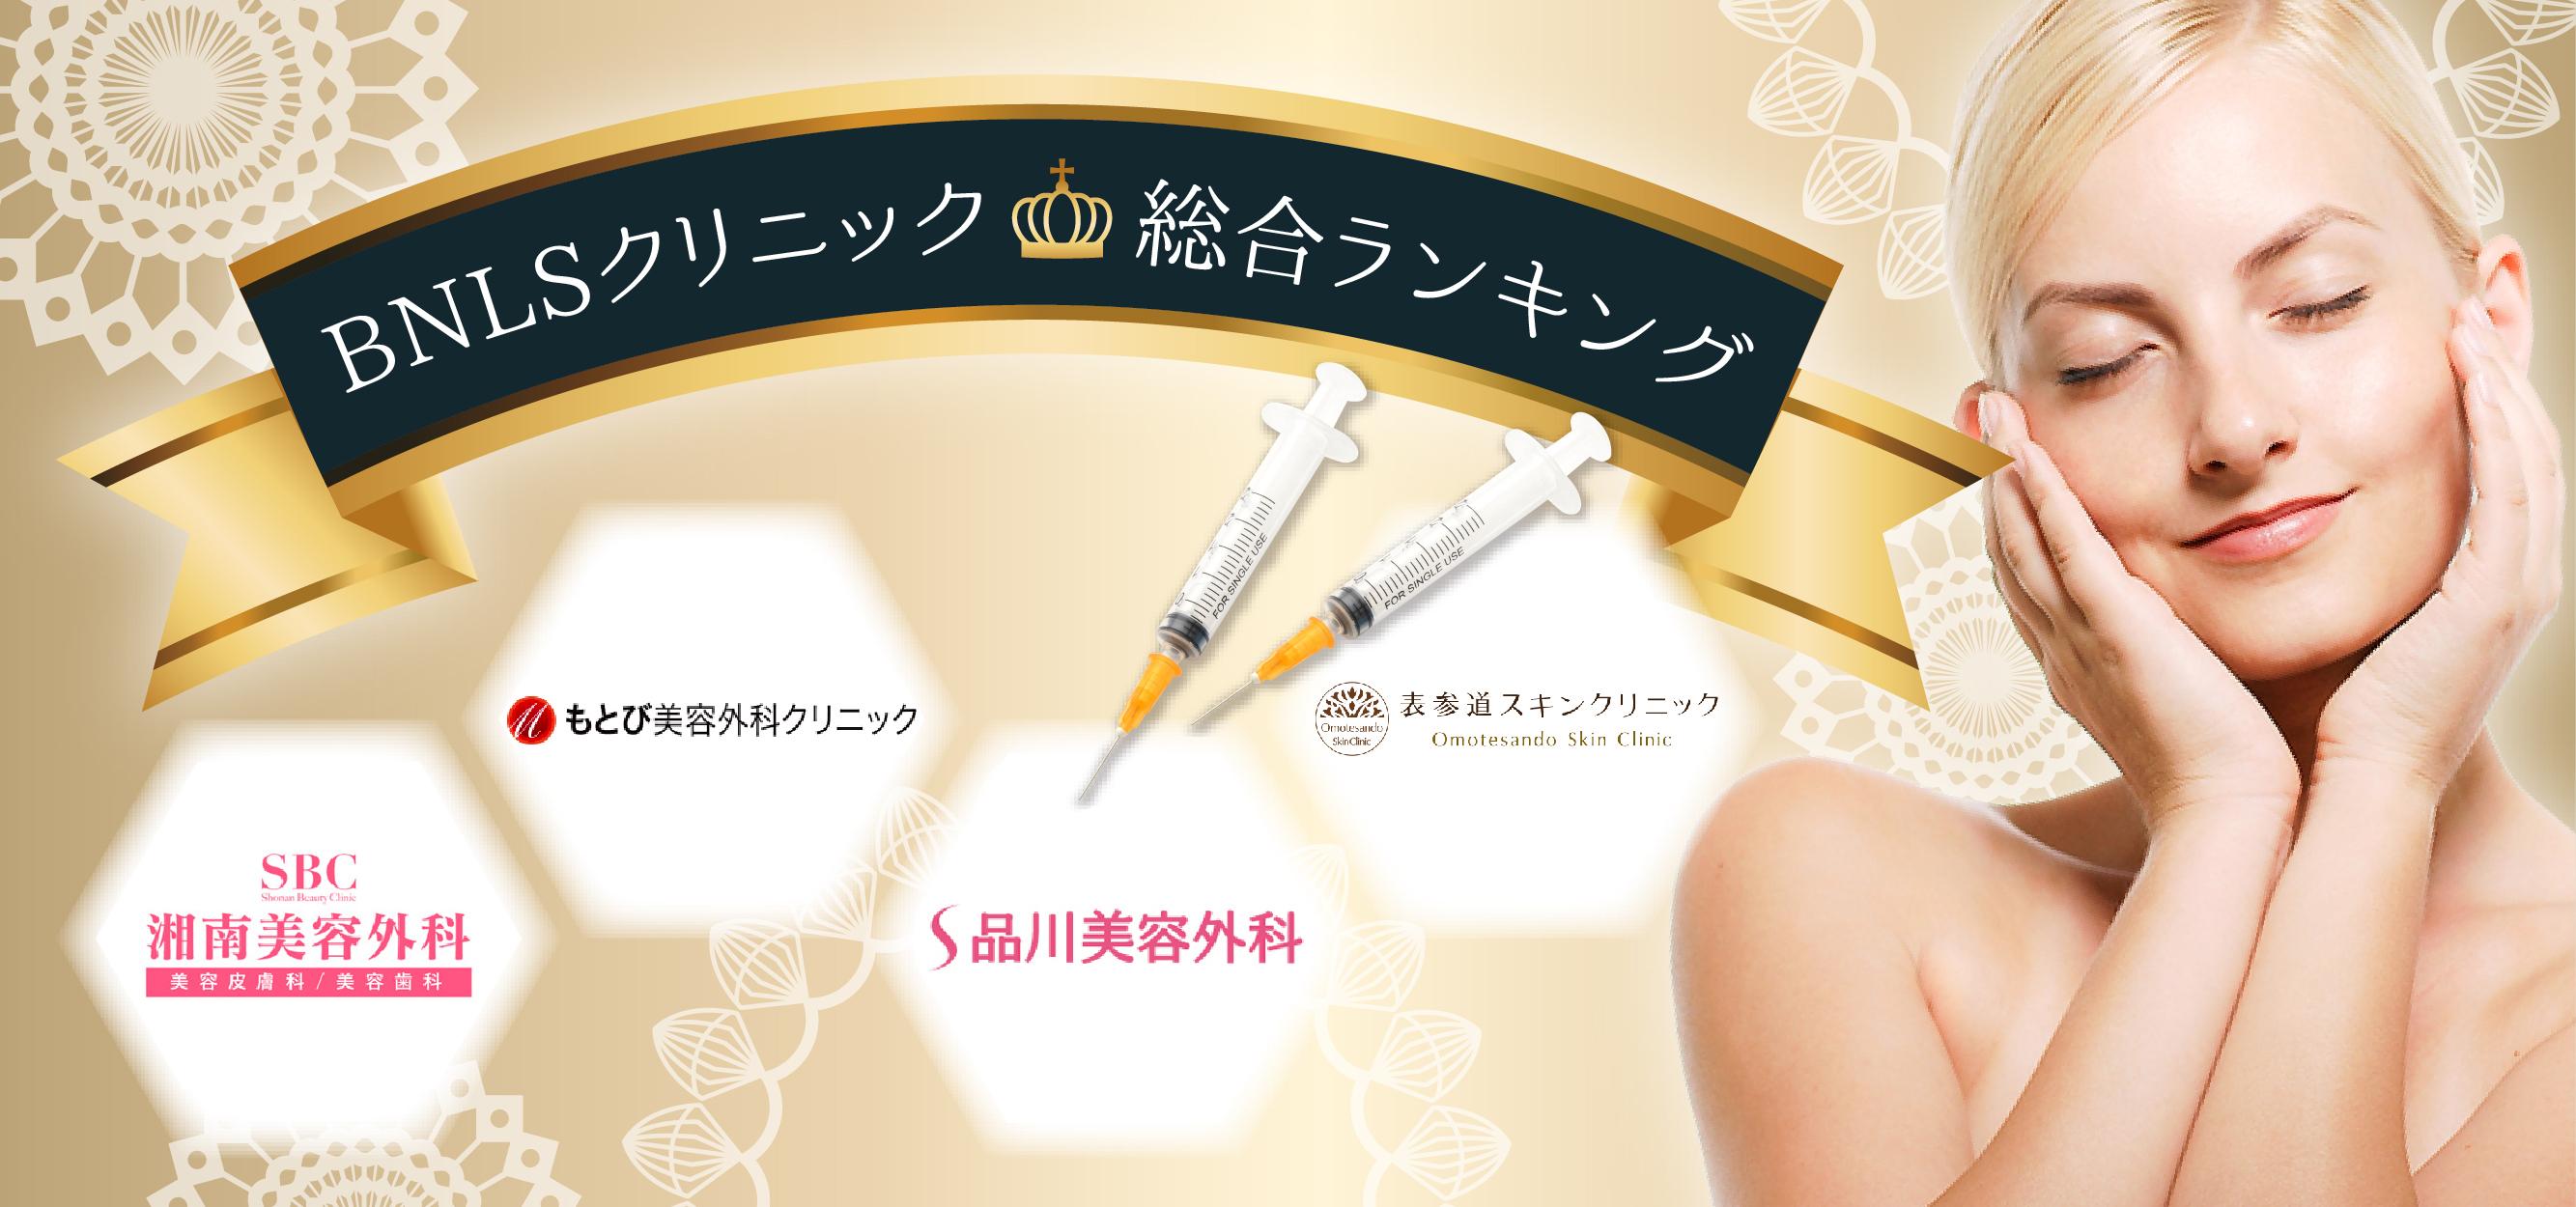 BNLS おすすめ クリニック ランキング 美容外科 美容皮膚科 脂肪溶解注射